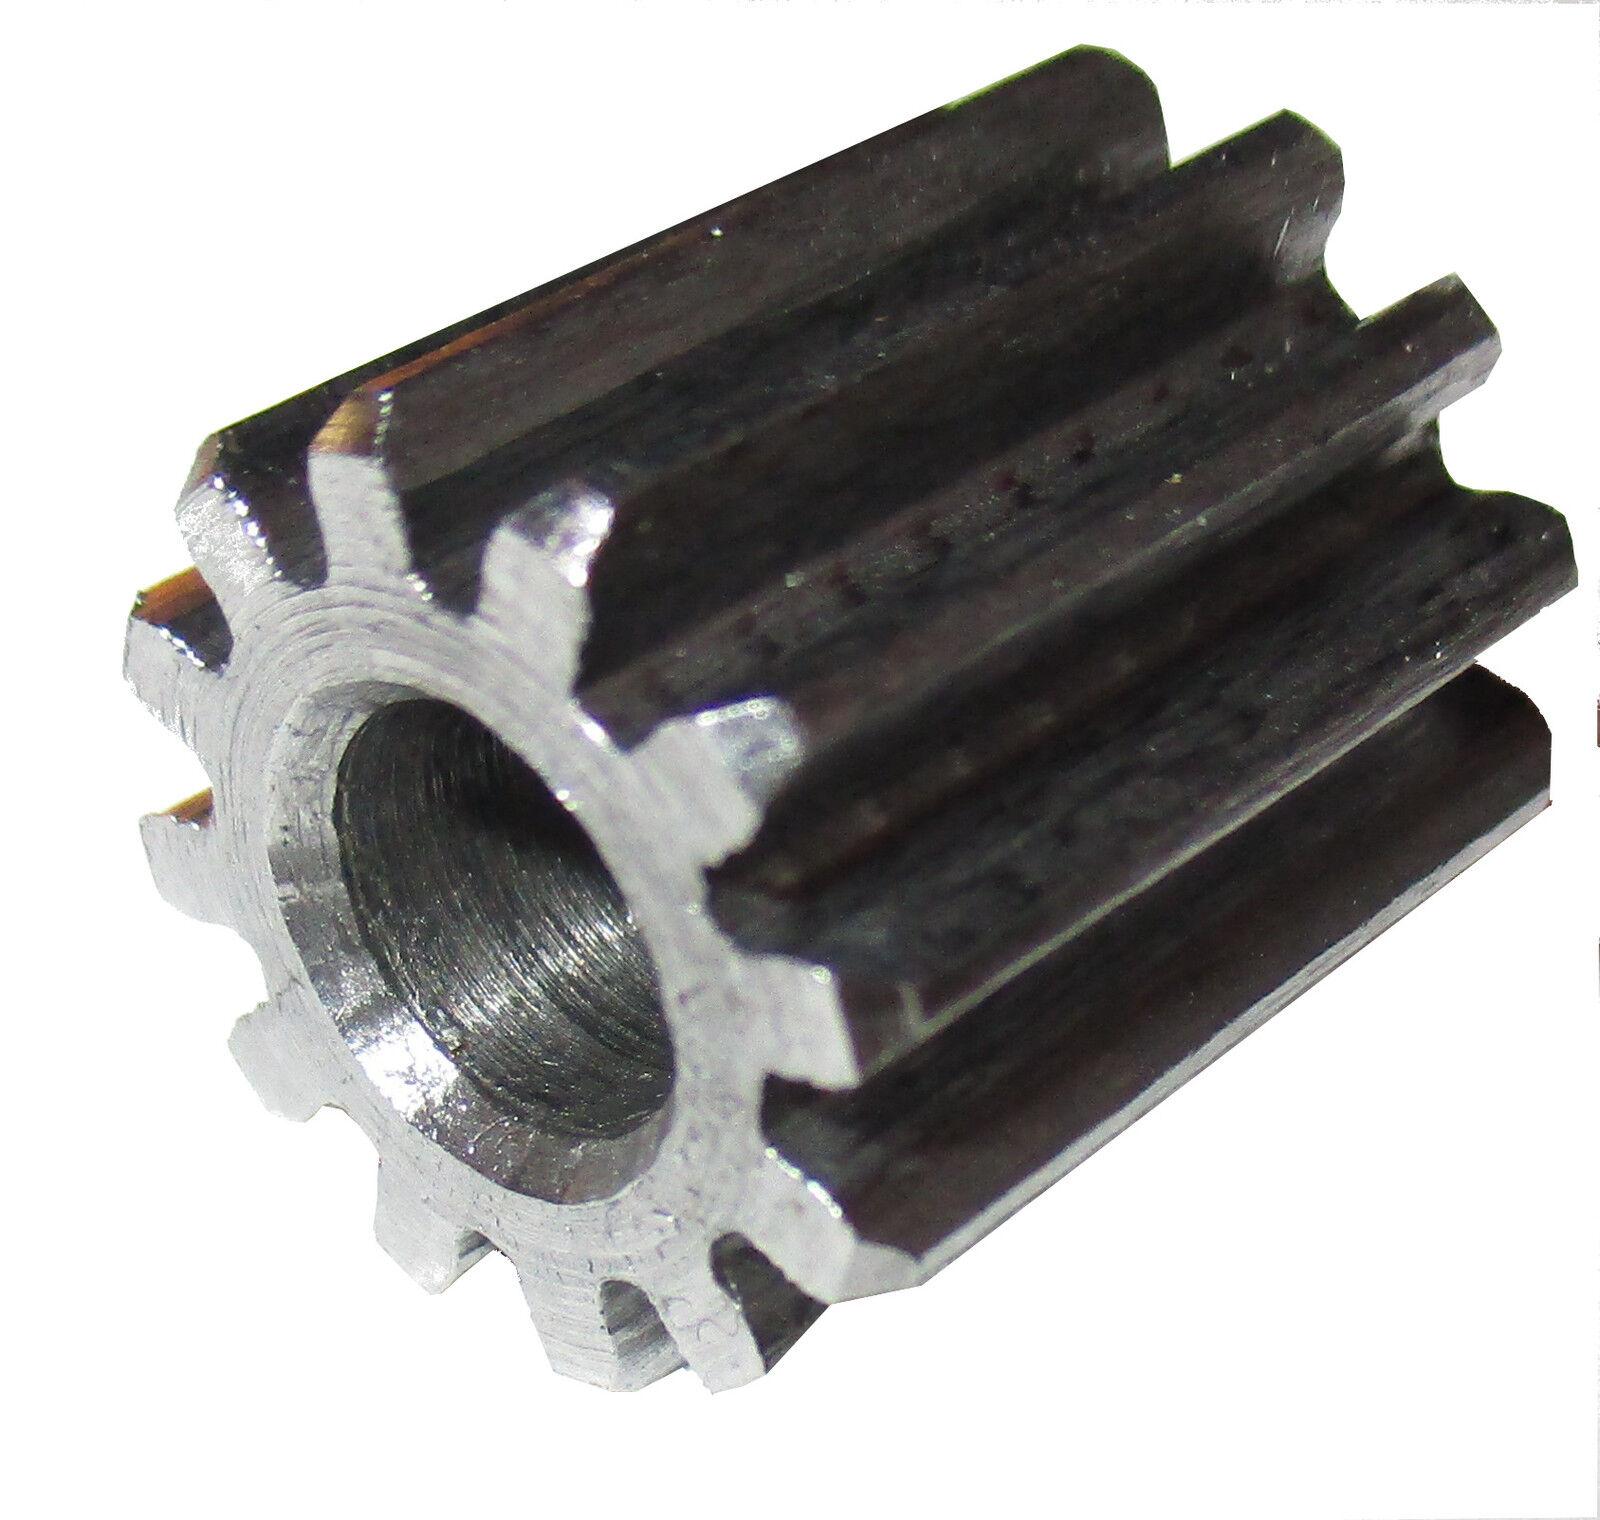 Qualität 8-9 Stirnzahnrad Stahl C45 Modul 2.0-47 Zähne  1 Stück